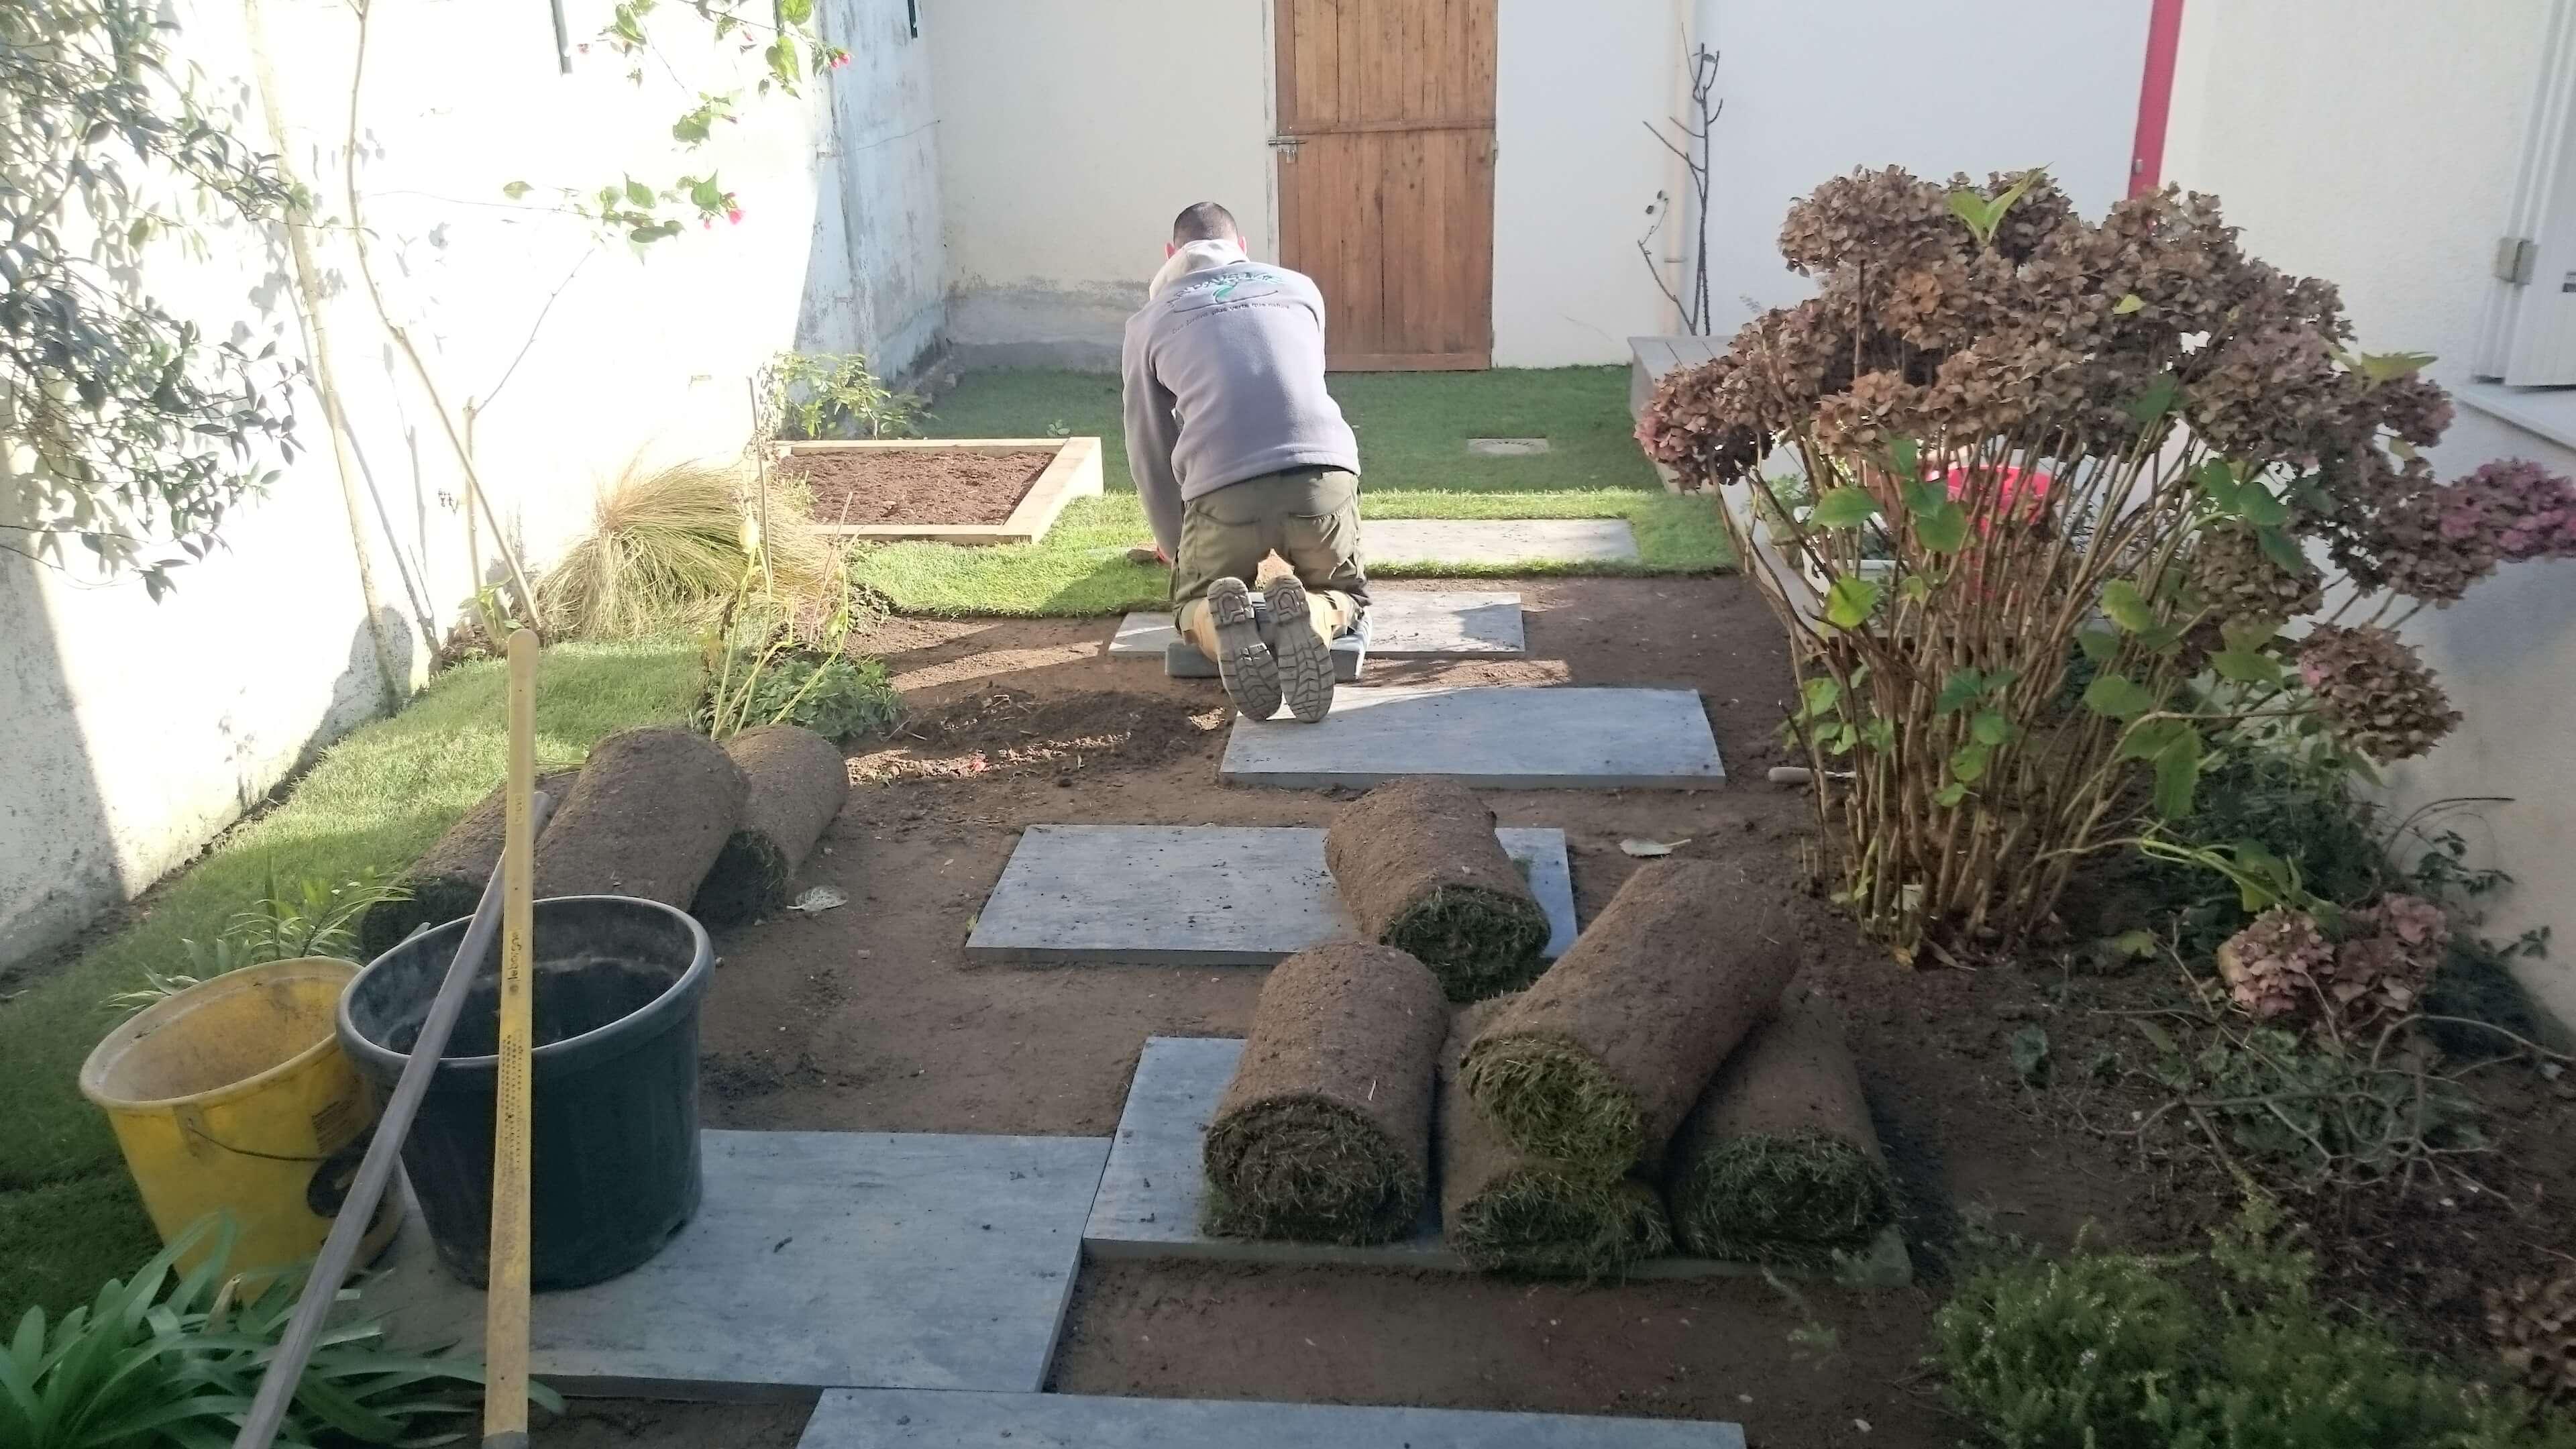 jardinier paysagiste nantes terrasse jardin paysagiste nantes amnagement de voies duaccs dco. Black Bedroom Furniture Sets. Home Design Ideas